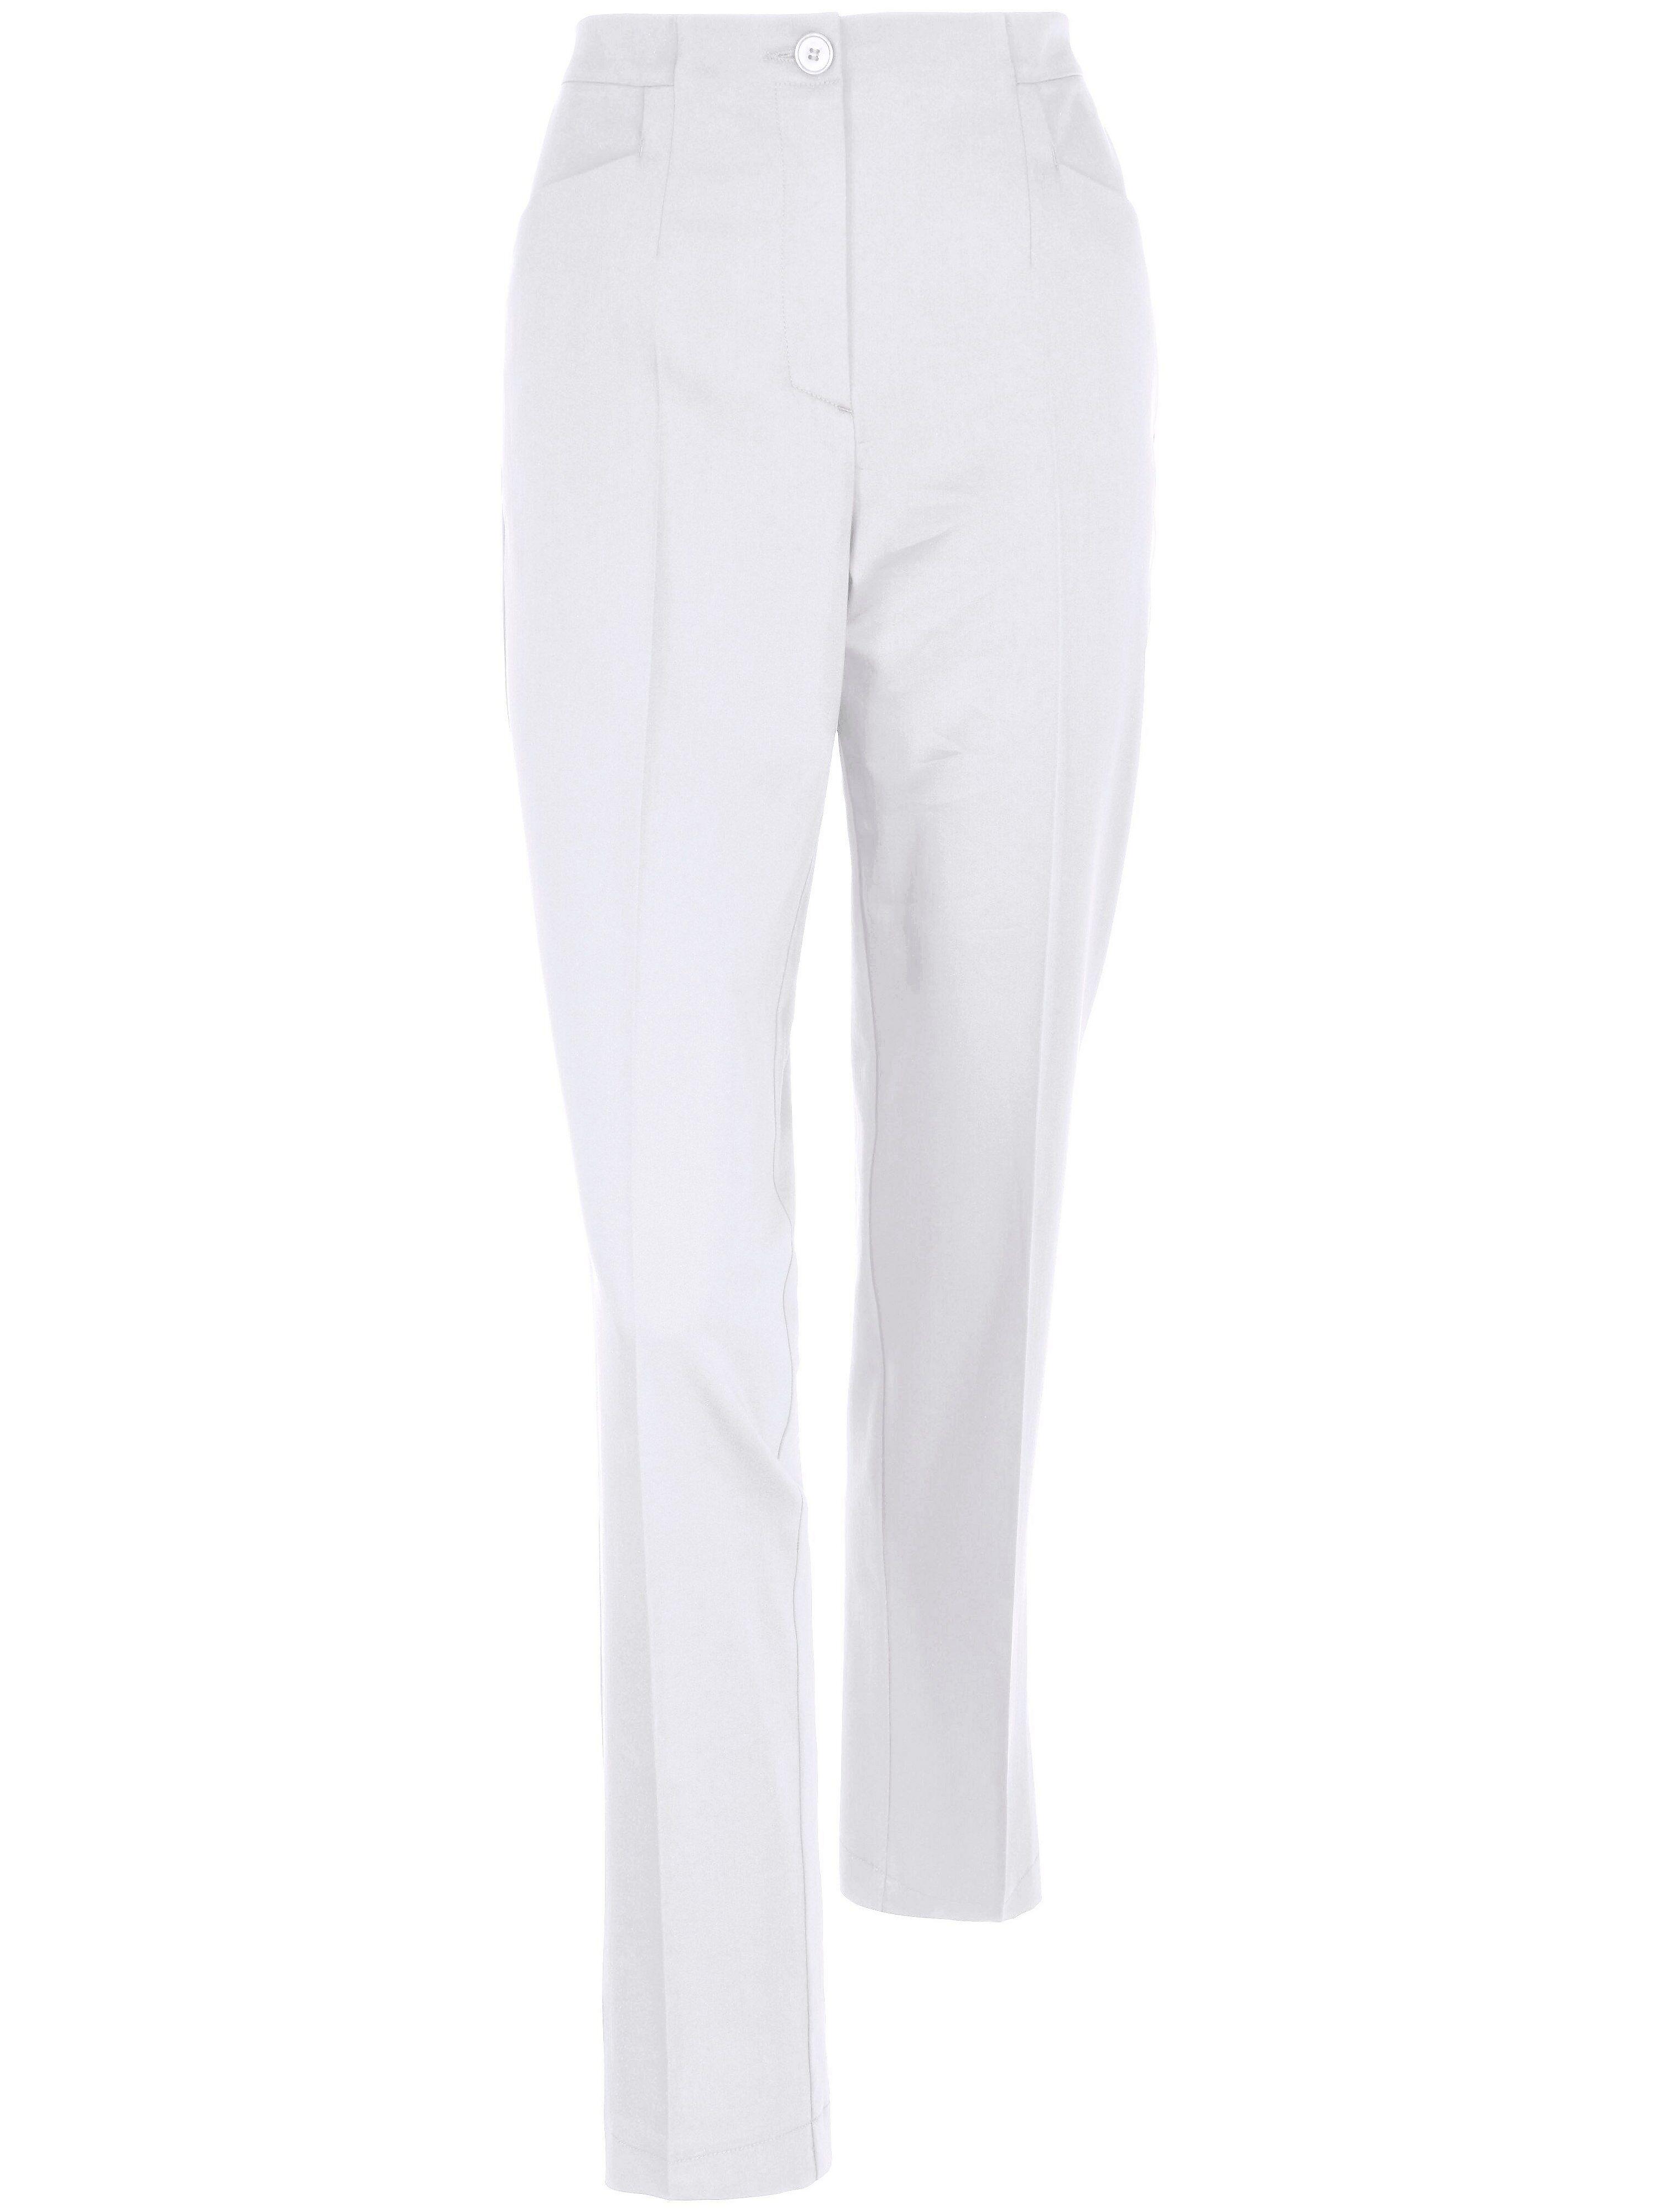 Peter Hahn Le pantalon facile d'entretien  Peter Hahn blanc  - Femme - 50